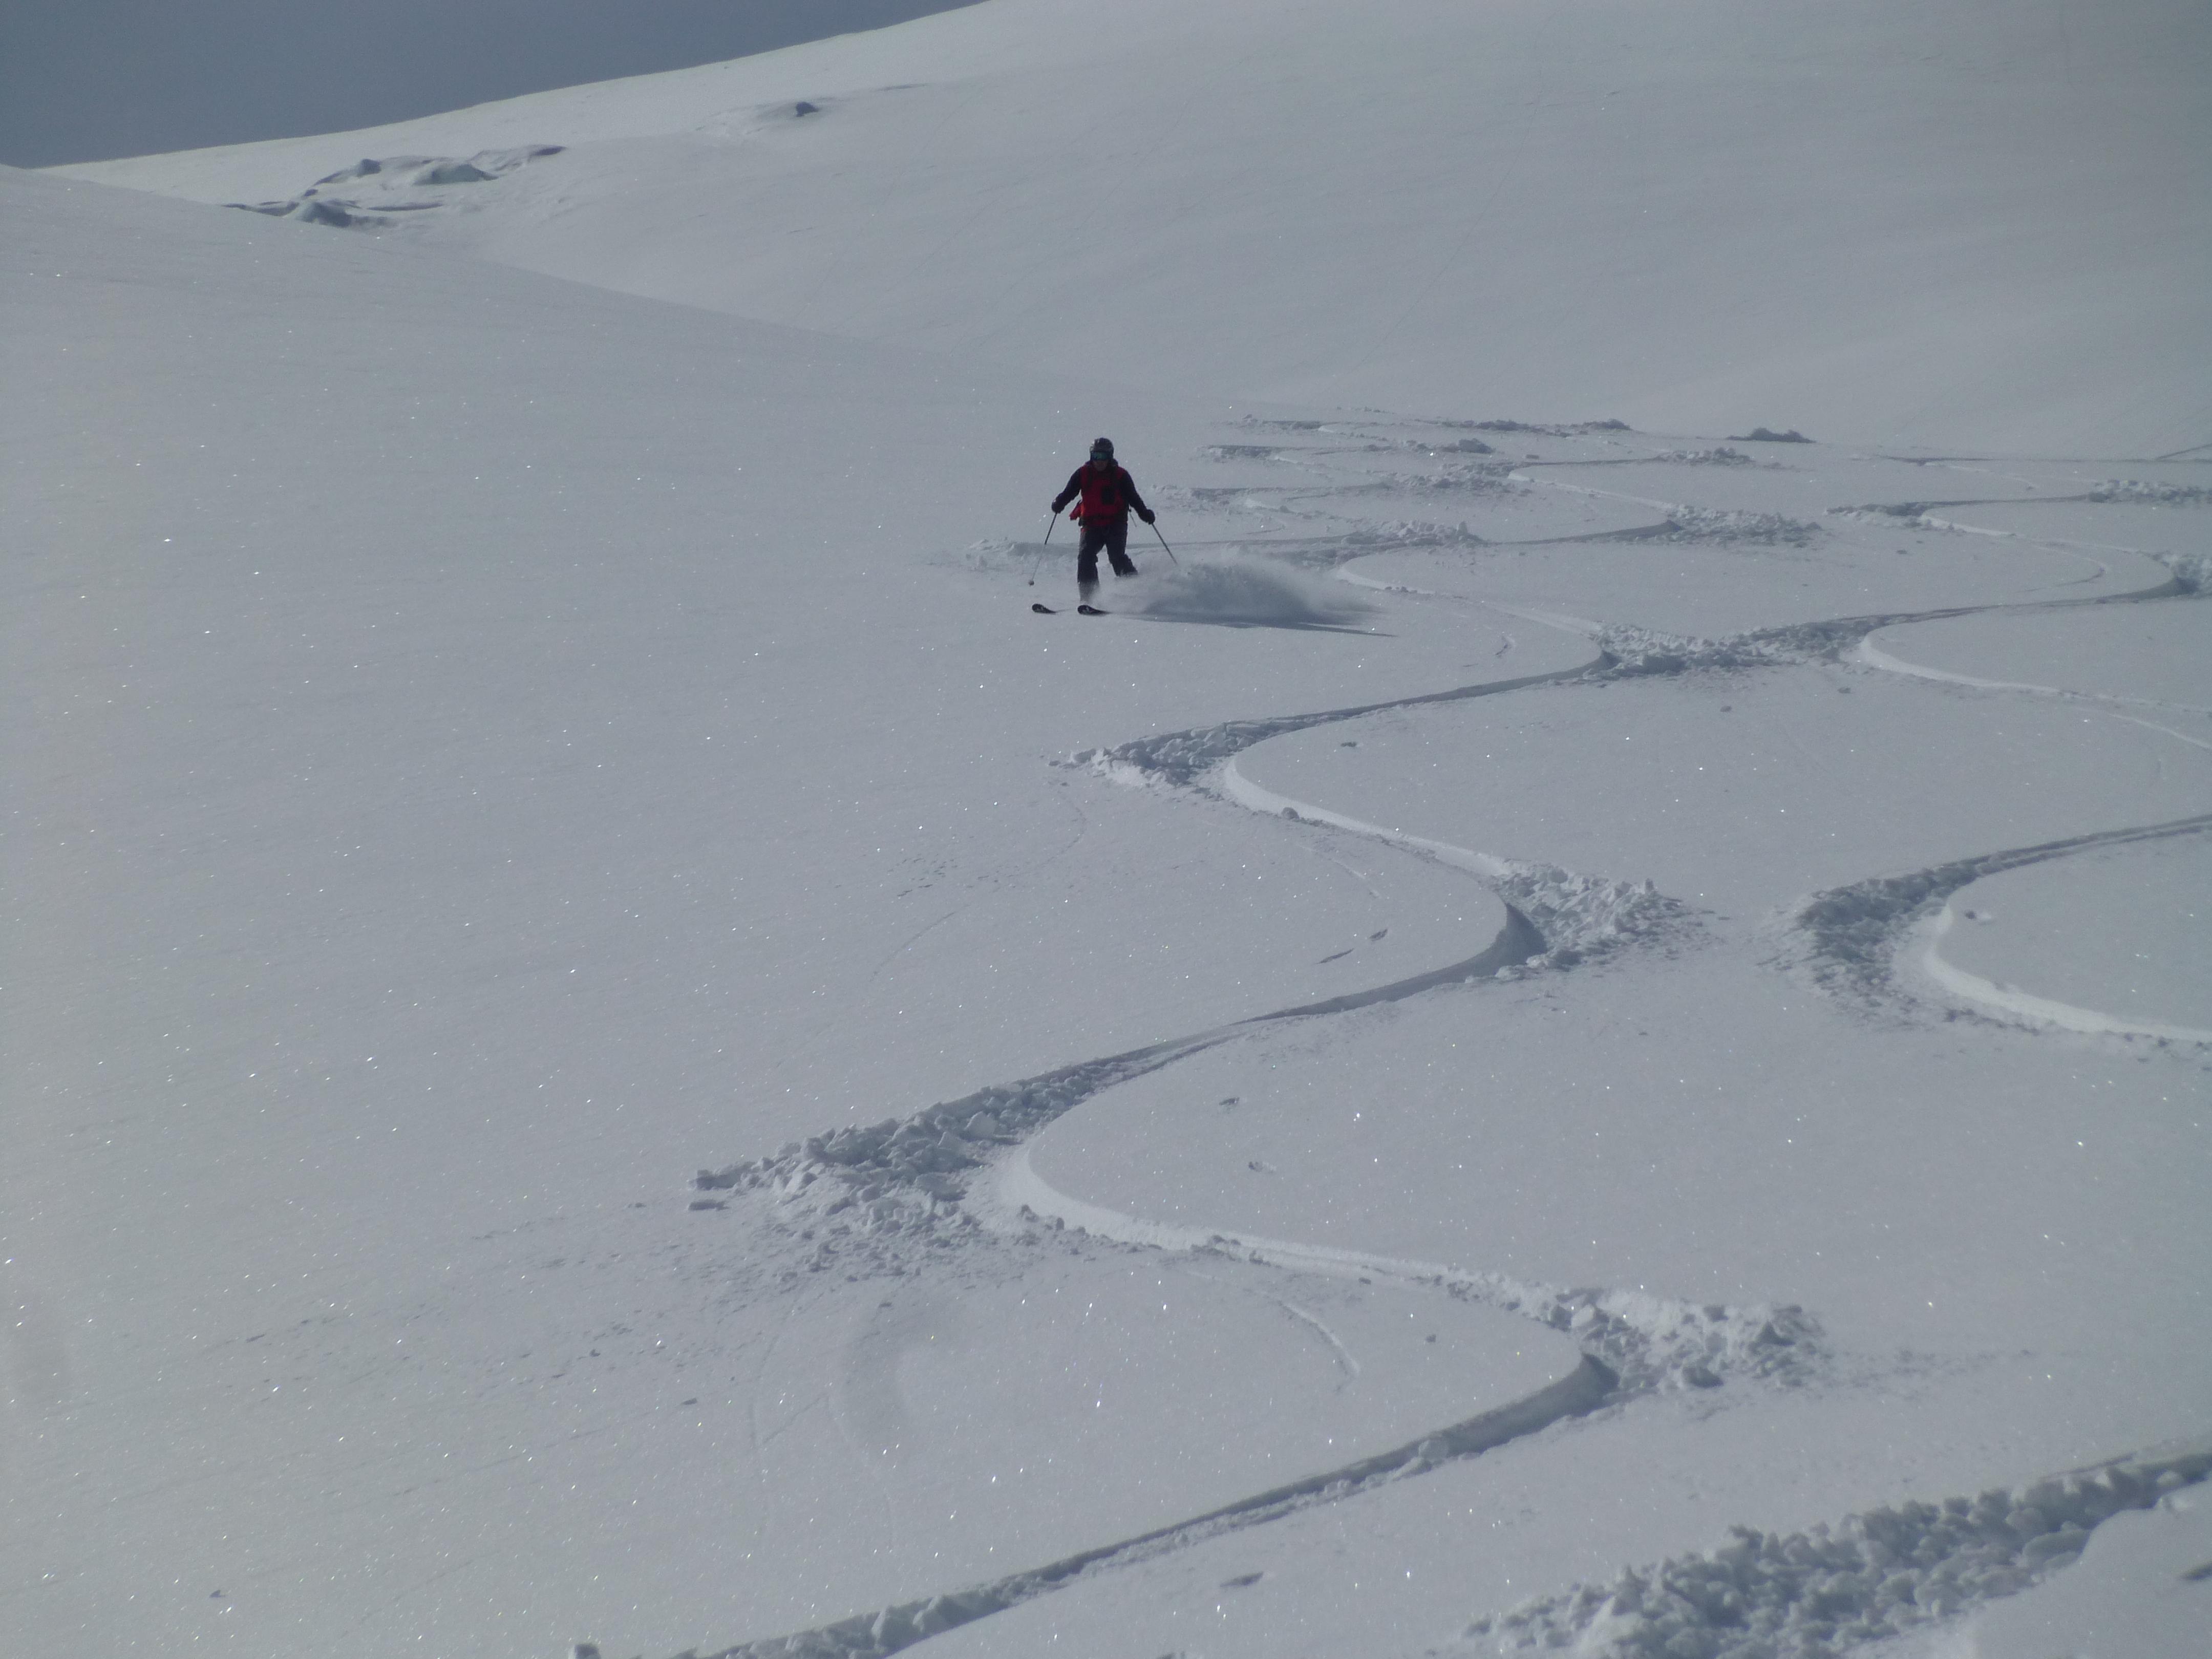 Jurgen tracing his line